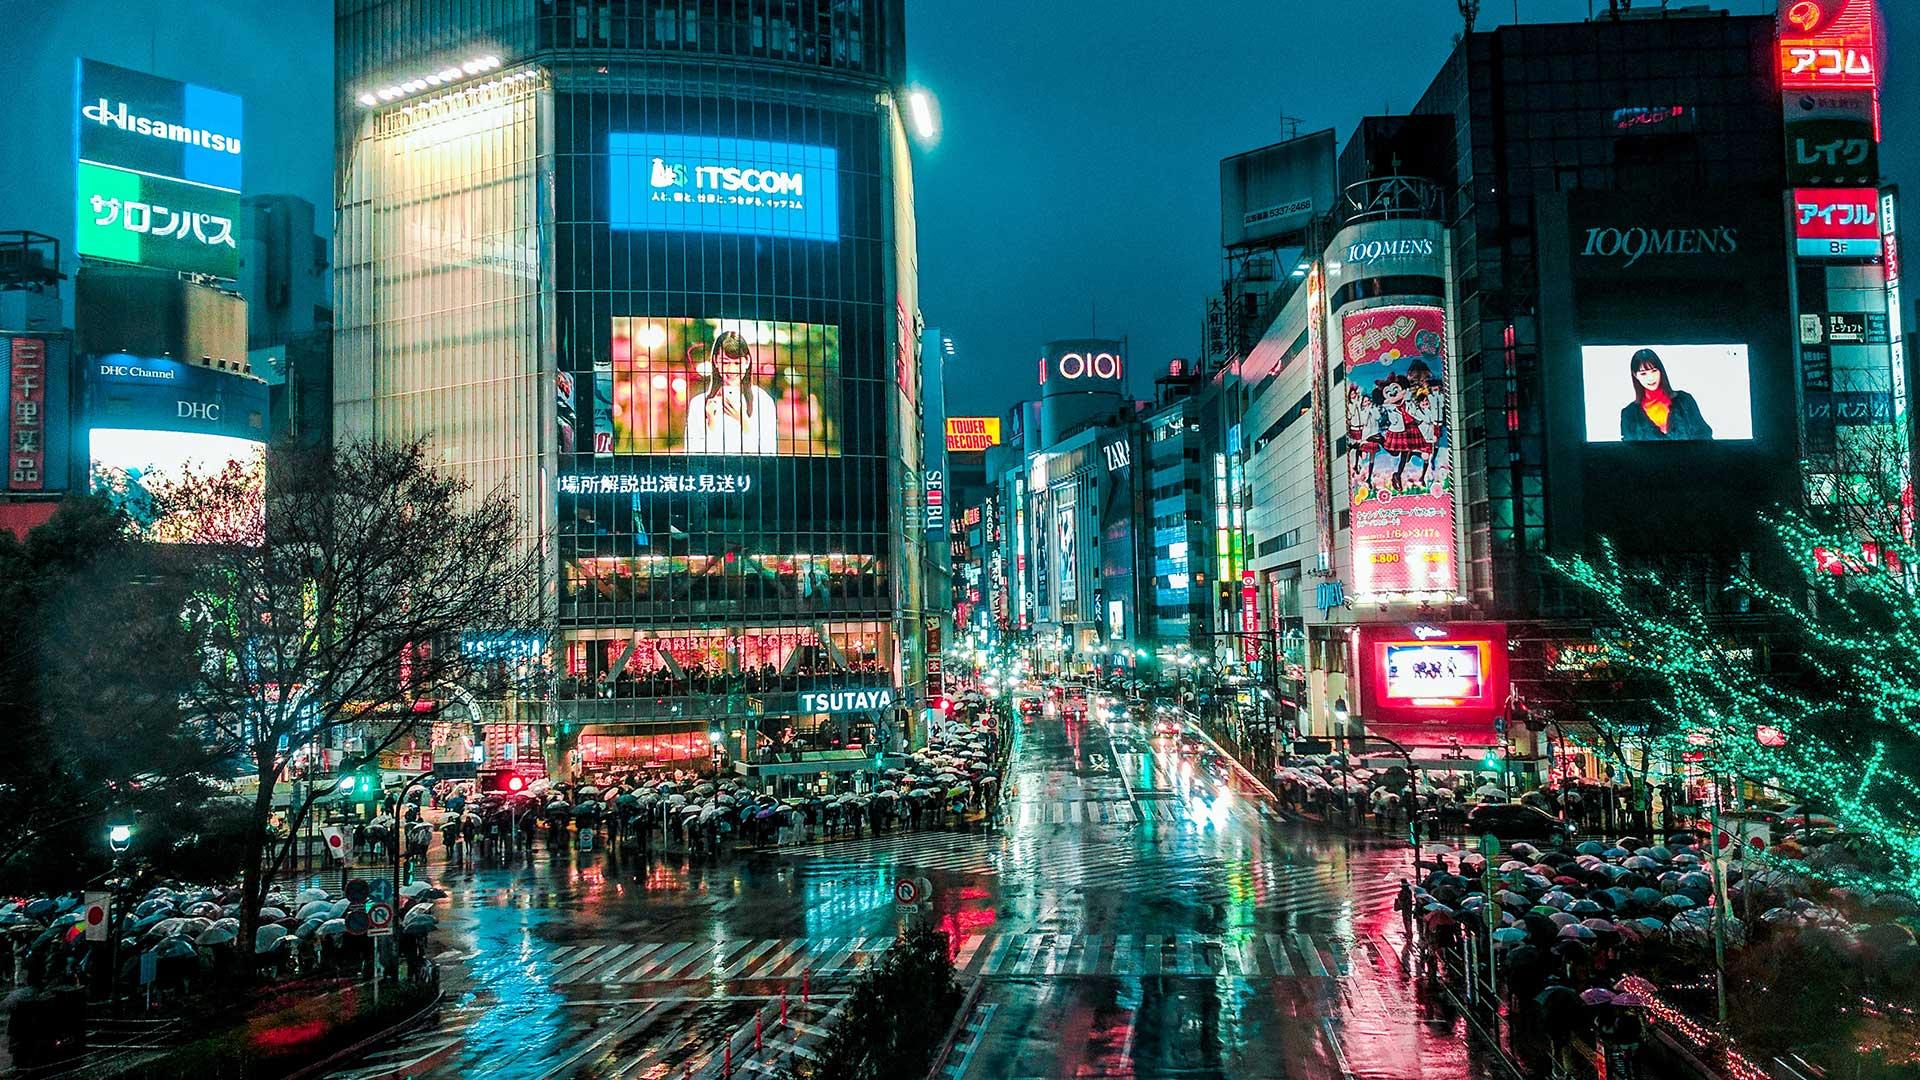 Бесплатные развлечения в самых дорогих городах мира